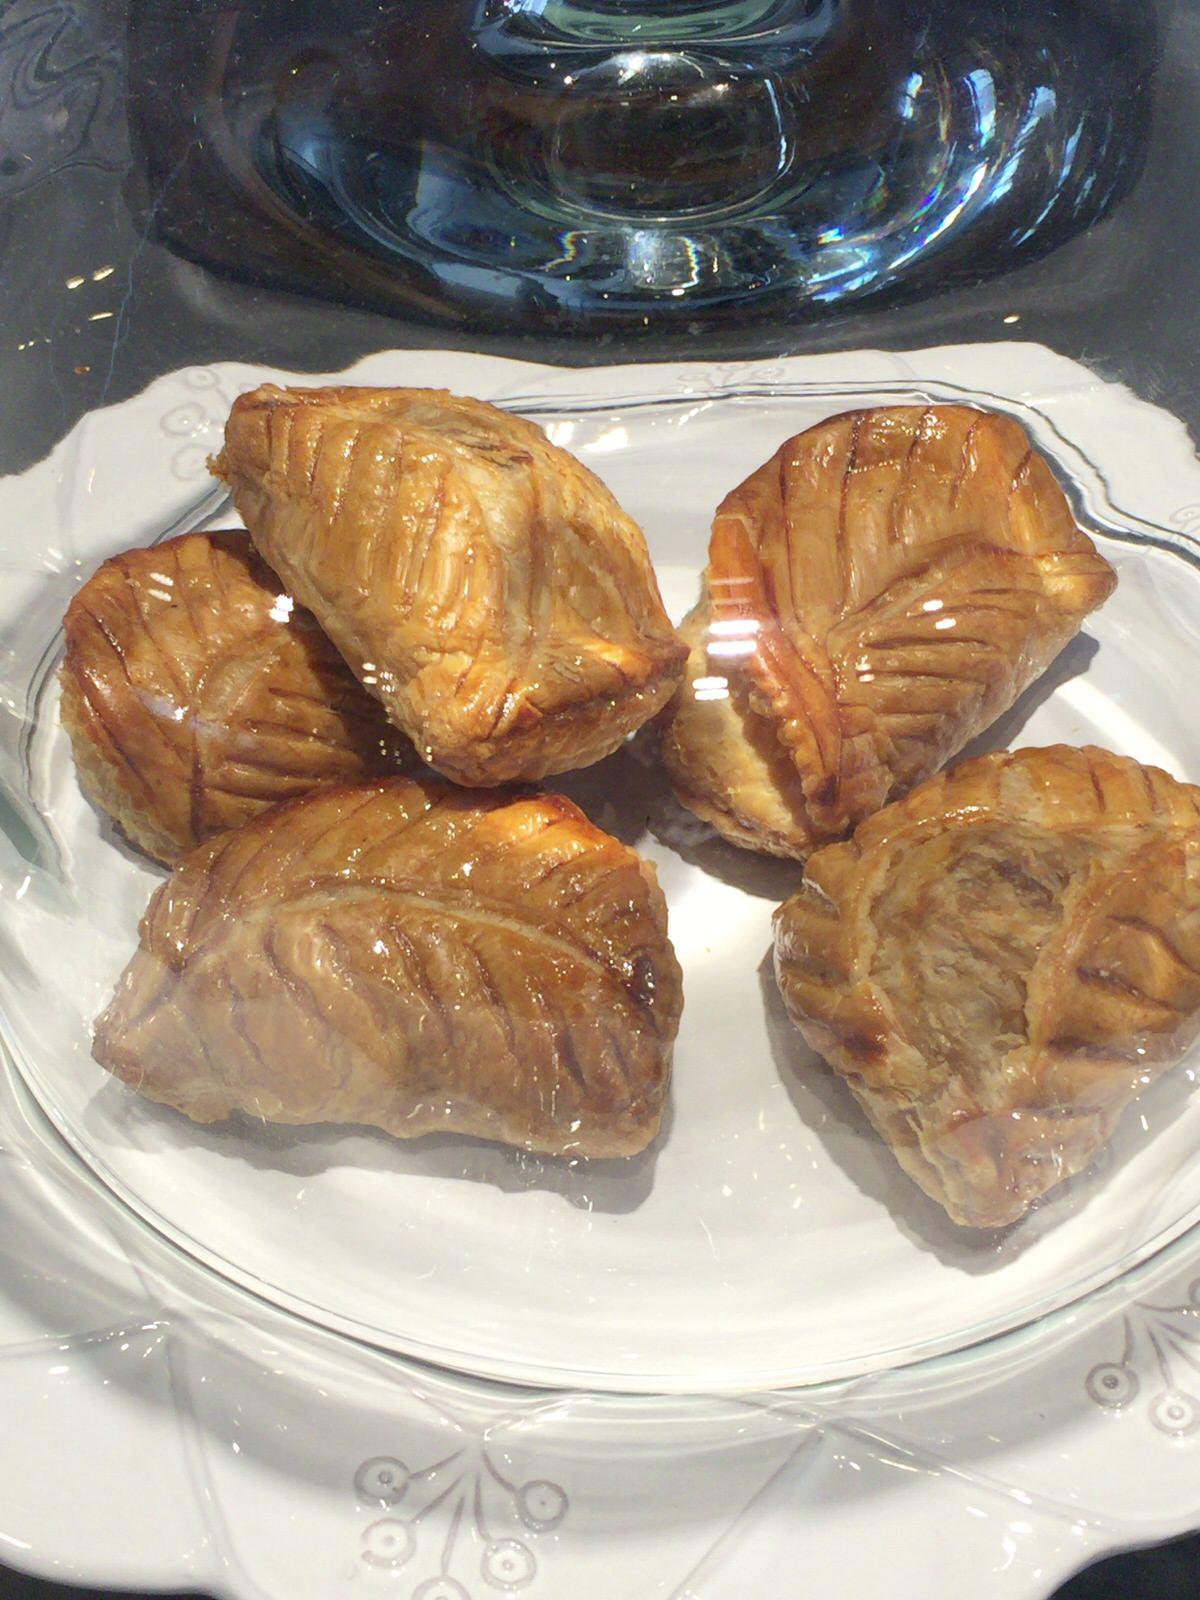 ケーキ&カフェ コレット 本店  729層のアップルパイはパリパリ、サクサクで病みつきになりそう。【札幌 桑園】